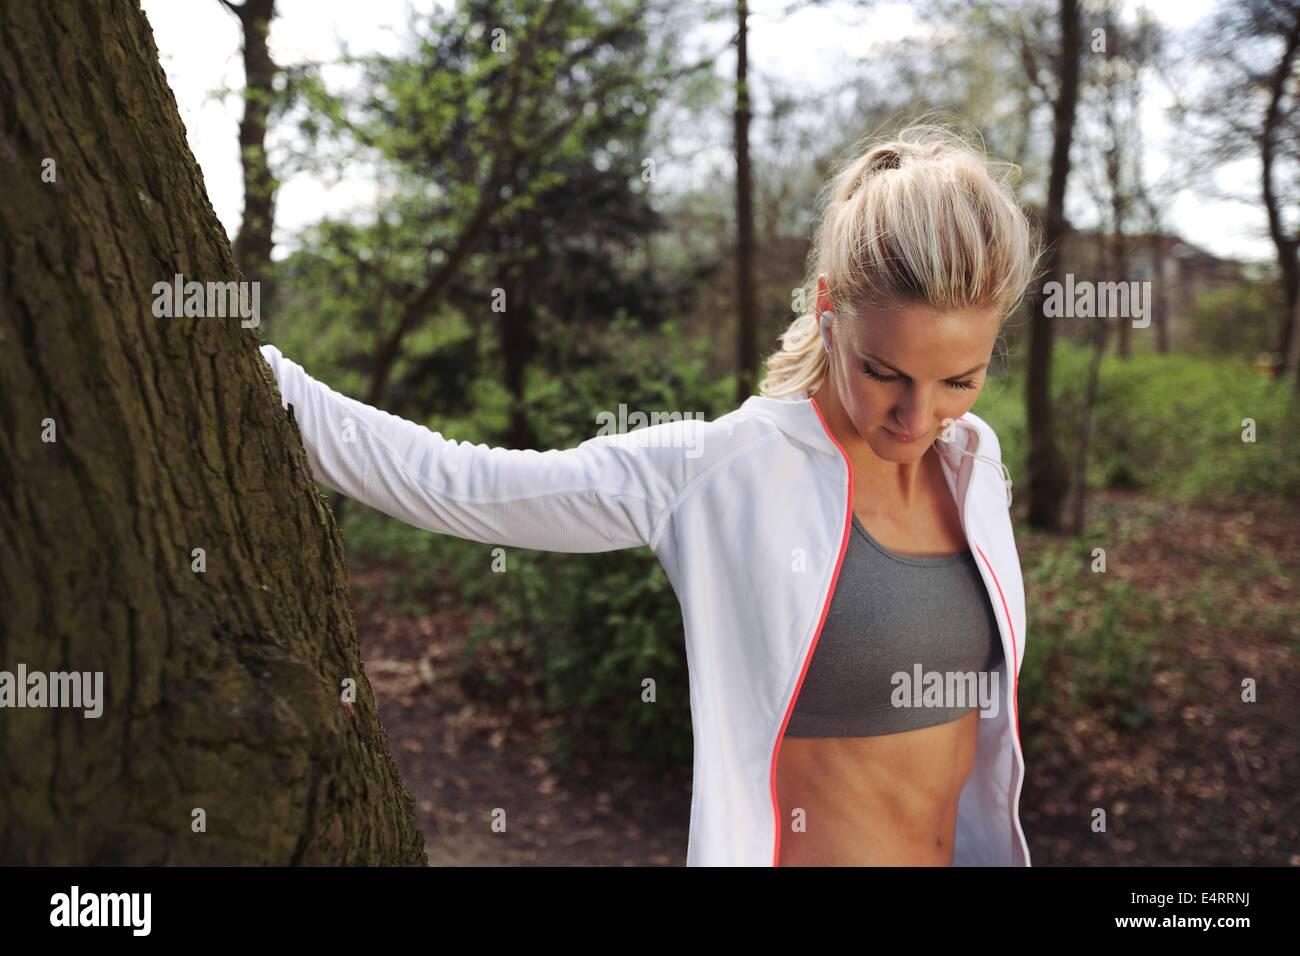 Bella giovane donna appoggiata da una struttura dopo il jogging in un parco. Montare atleta femminile prendendo Immagini Stock